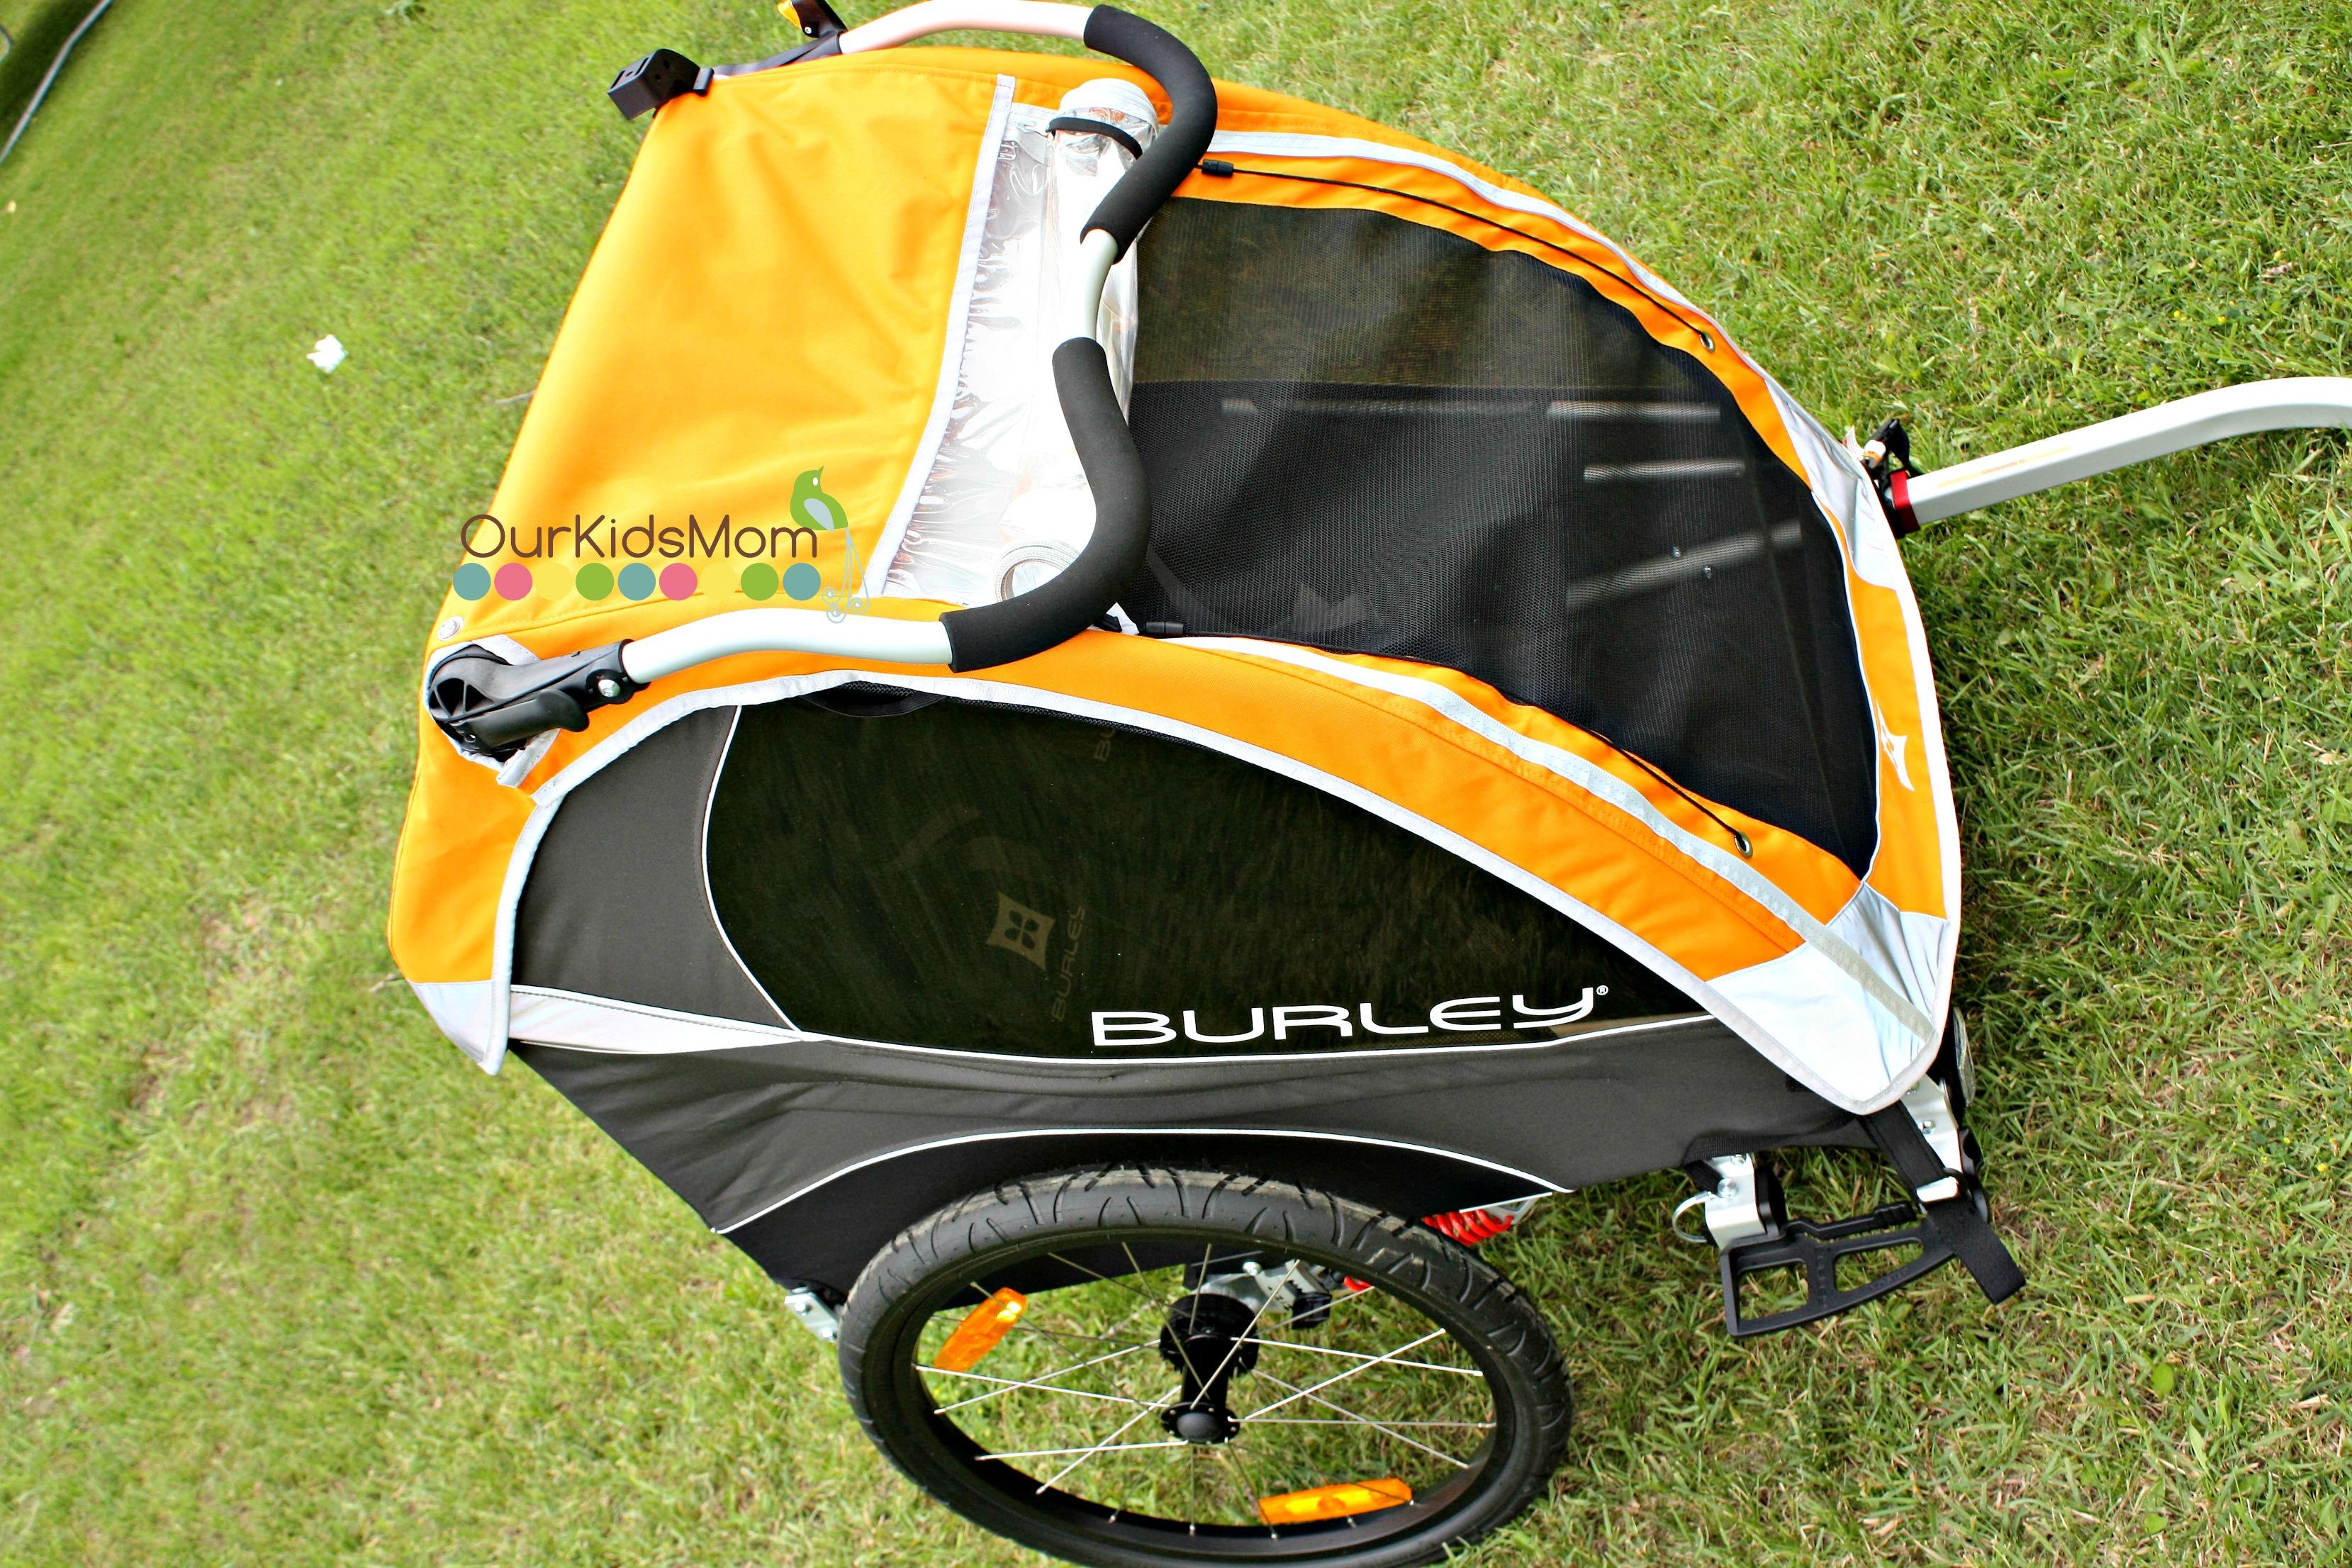 burley d 39 lite bike trailer ourkidsmom. Black Bedroom Furniture Sets. Home Design Ideas